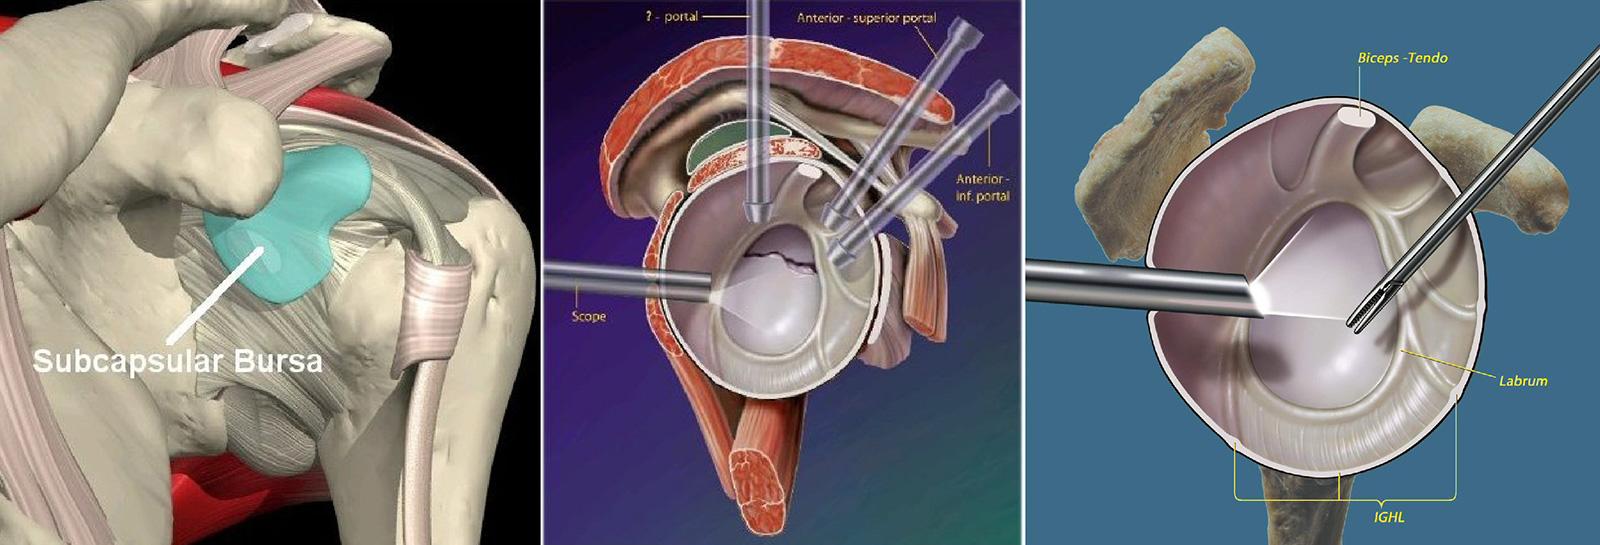 Abb. 2-19: Arthroskopie: Bizepssehne, Labrum und Kapsel